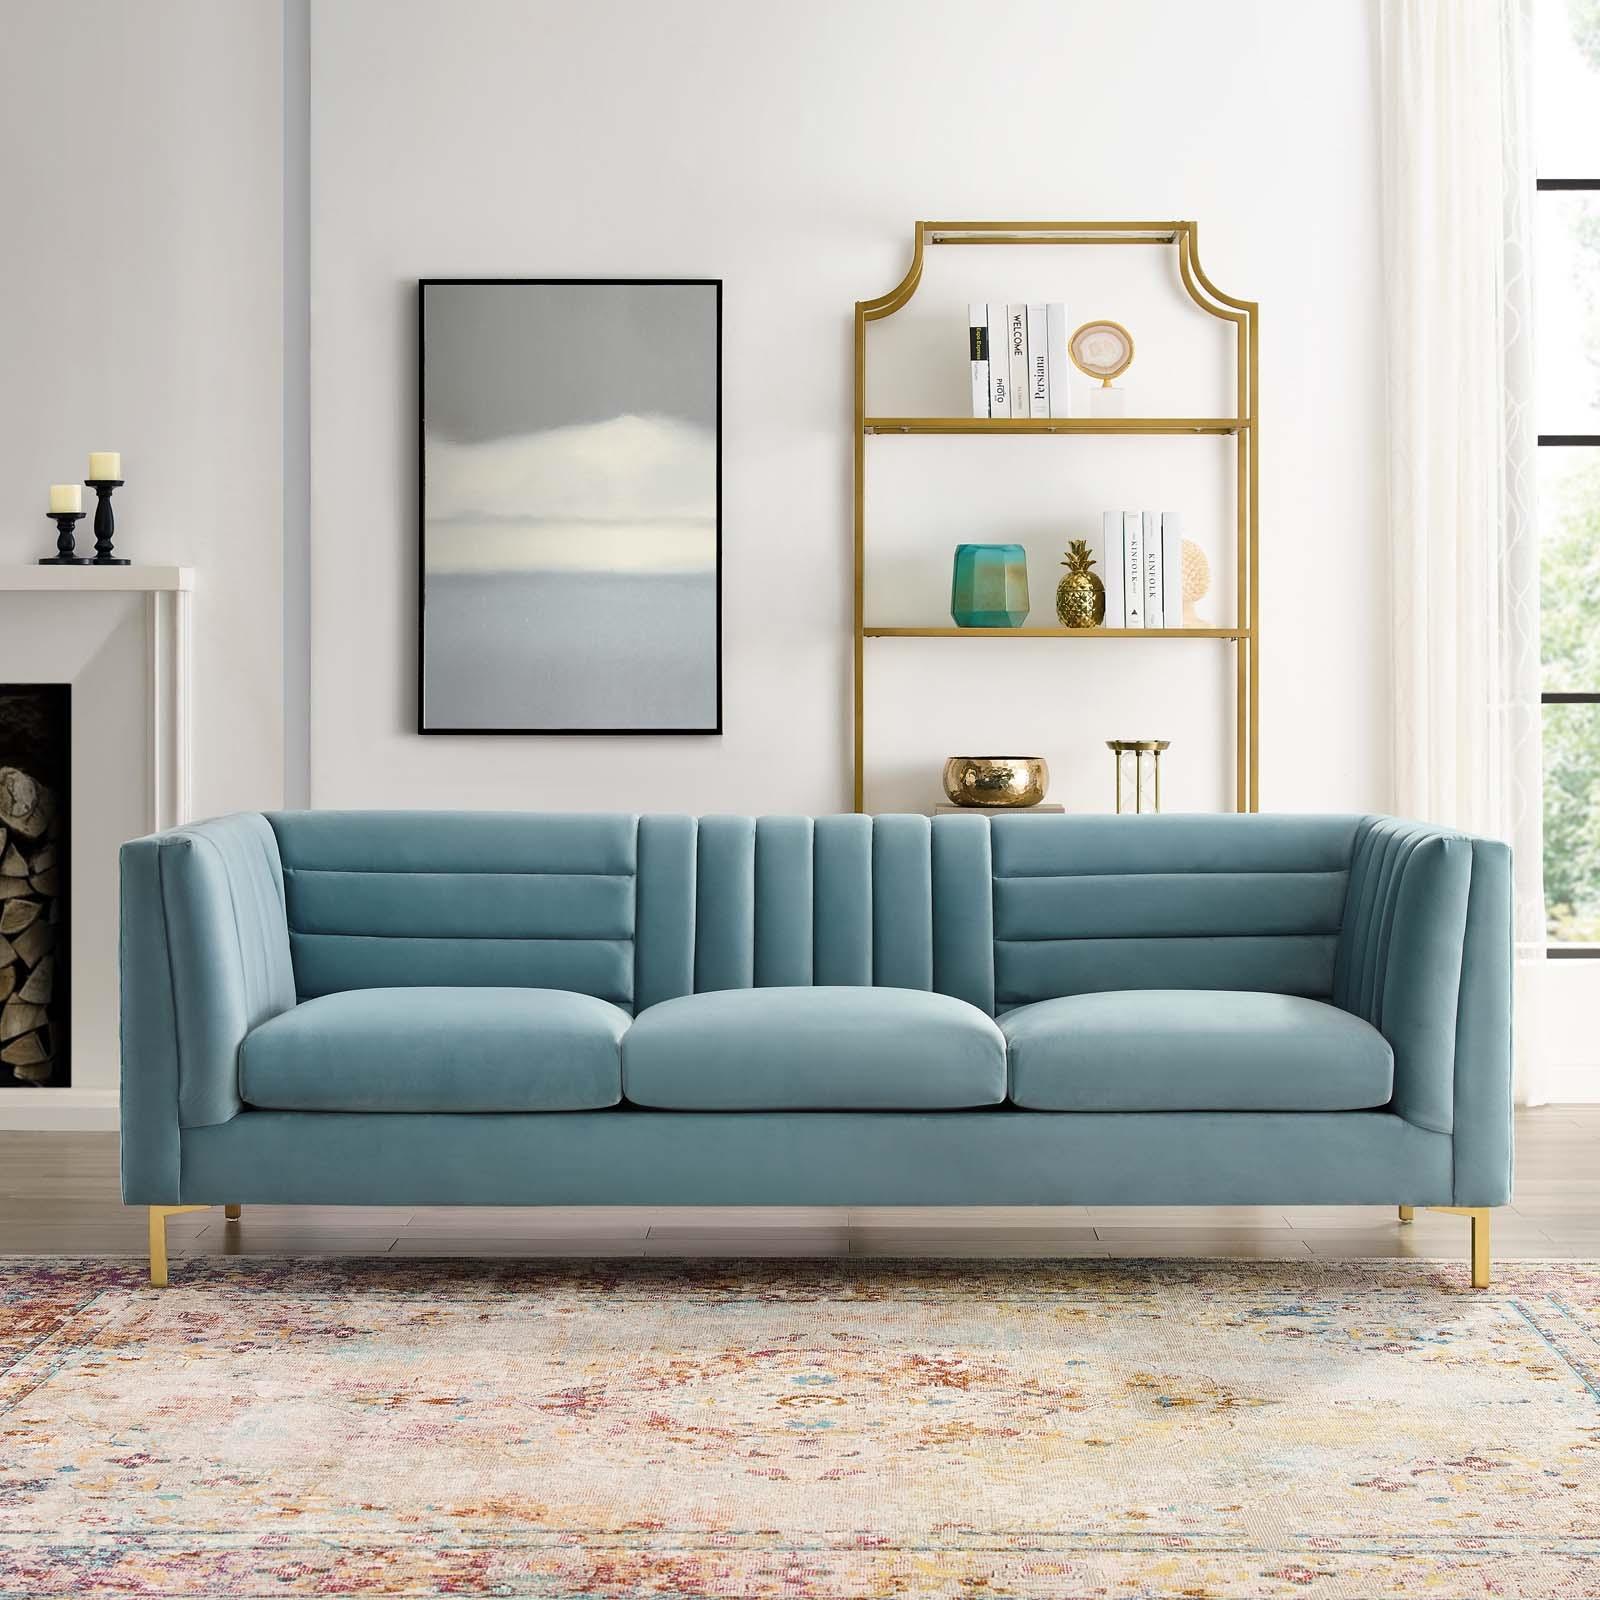 Ingenuity Channel Tufted Light Blue Velvet Sofa Las